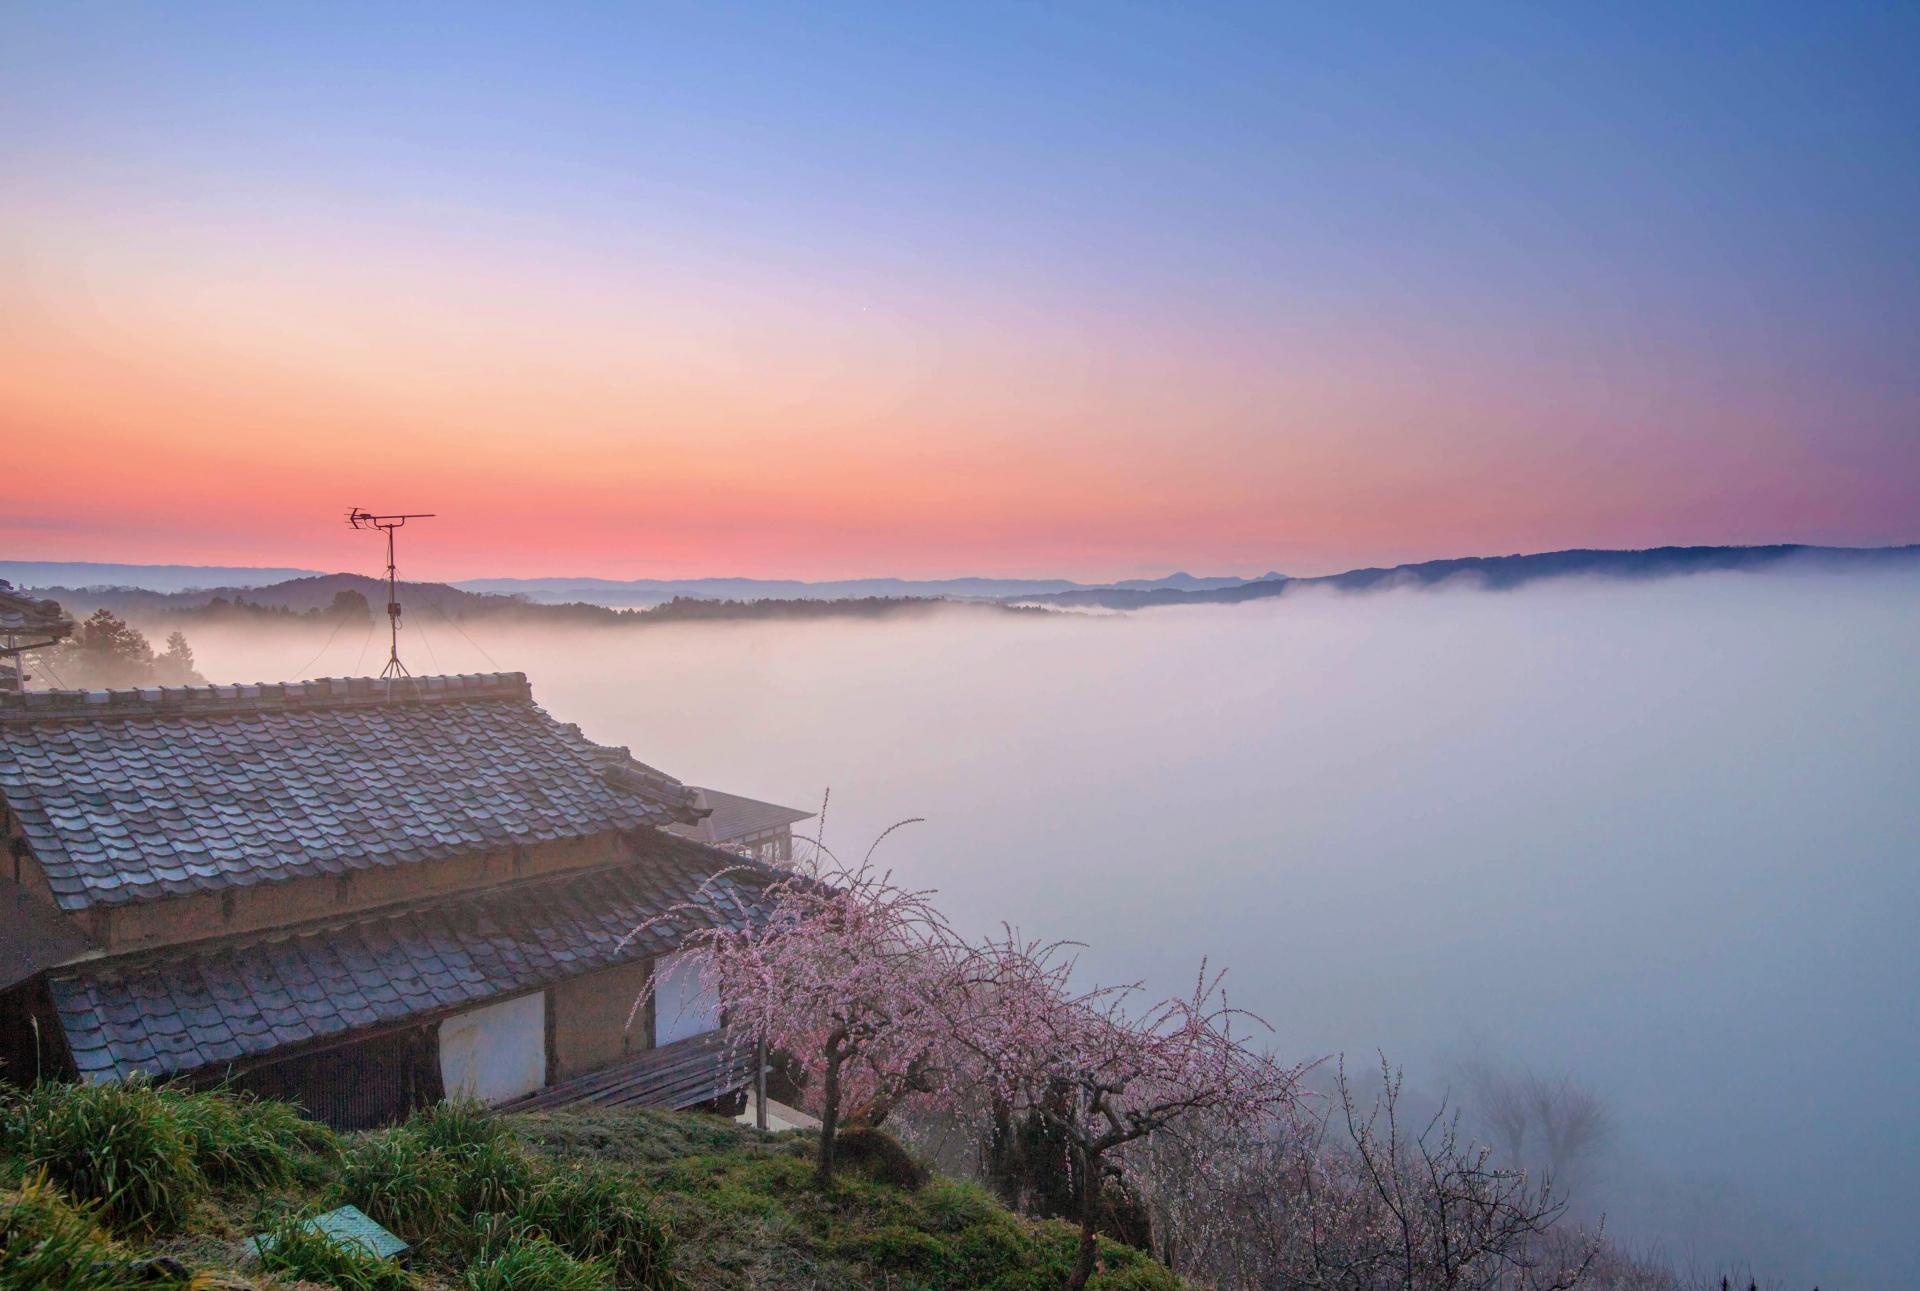 2347151_m 奈良県  月ヶ瀬梅林(約1万本の梅が咲く春におすすめの絶景スポット!雲海も見所! 写真の紹介、アクセス情報や駐車場情報など)